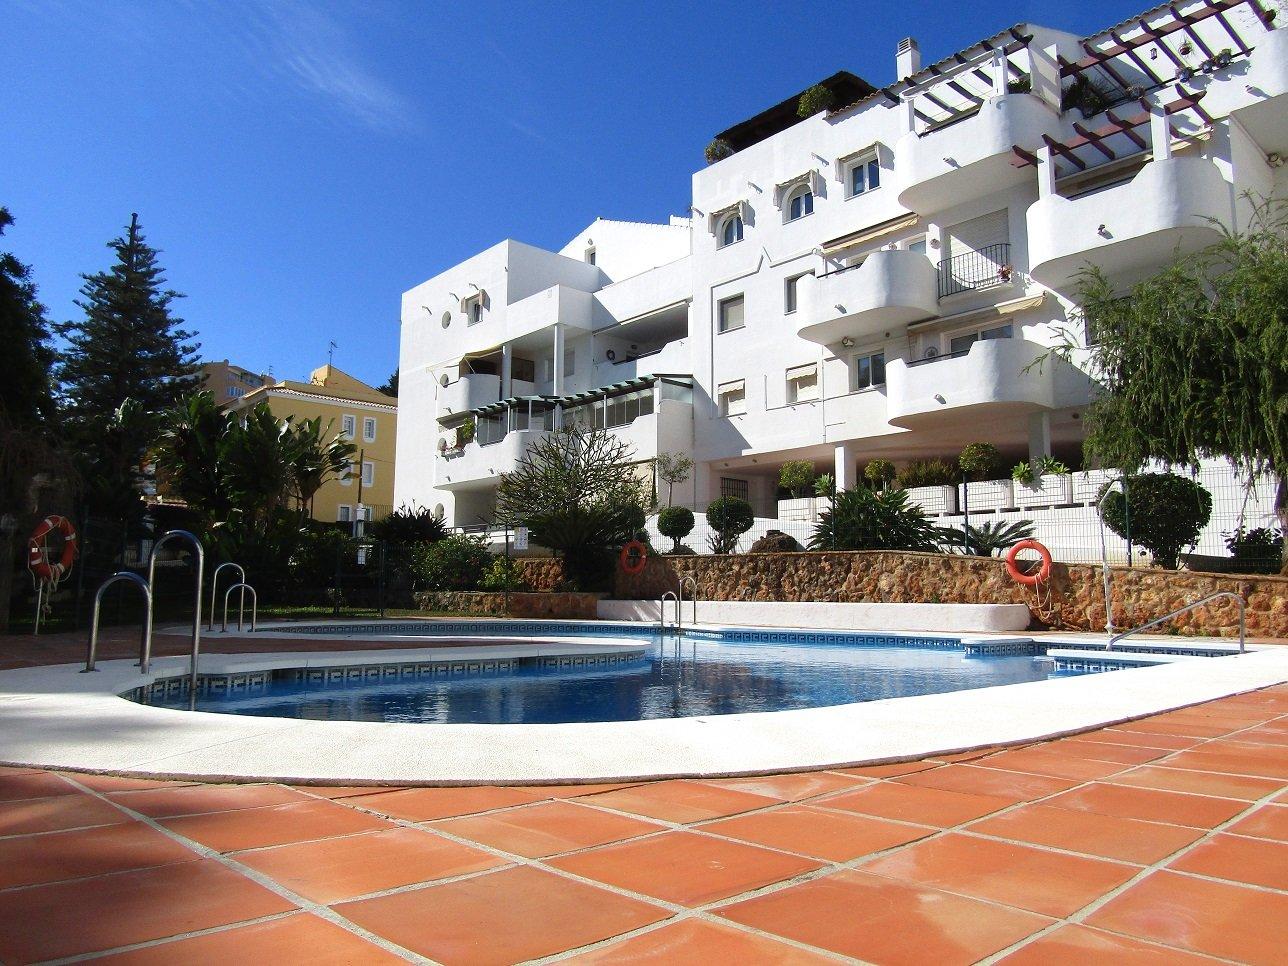 Conviene comprare o affittare casa in costa del sol for Comprare piscina